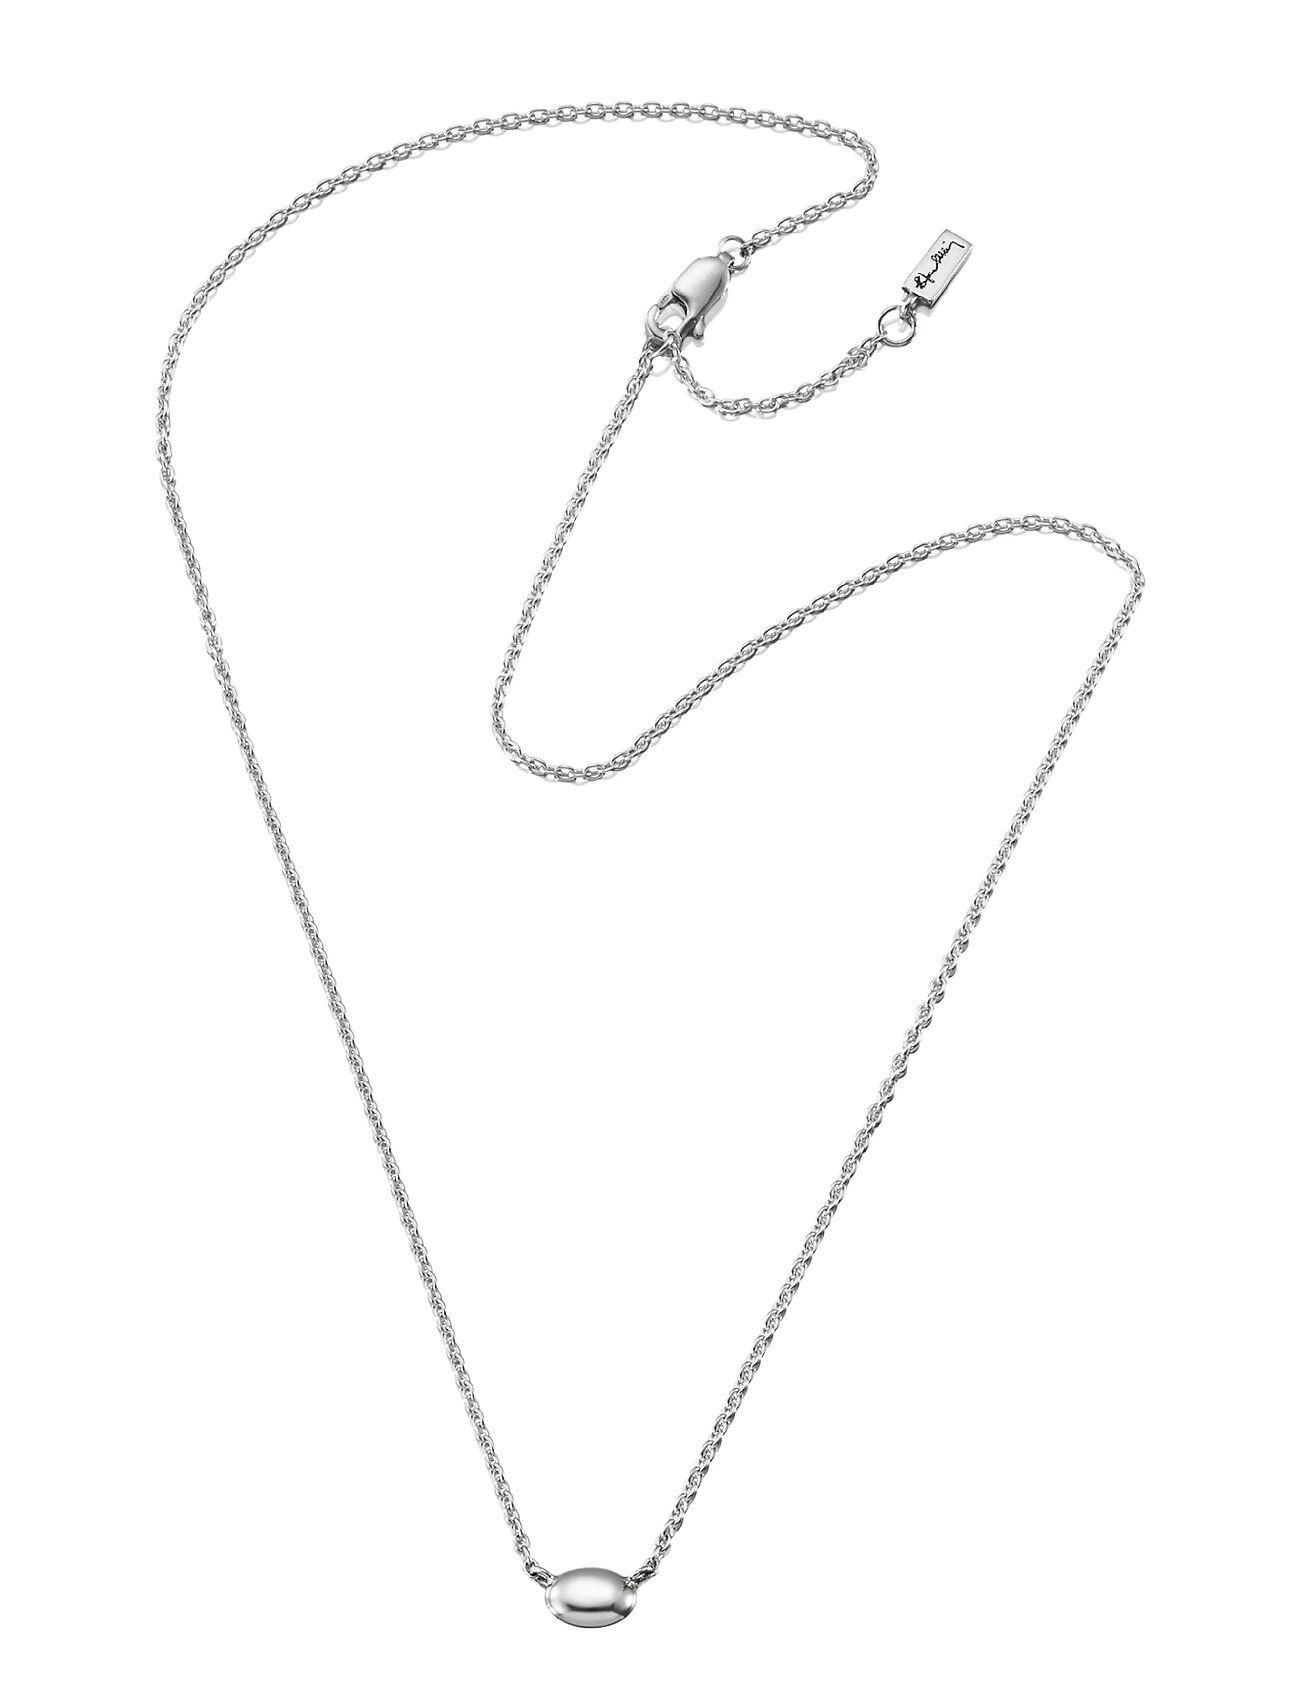 Efva Attling Love Bead Necklace - Silver